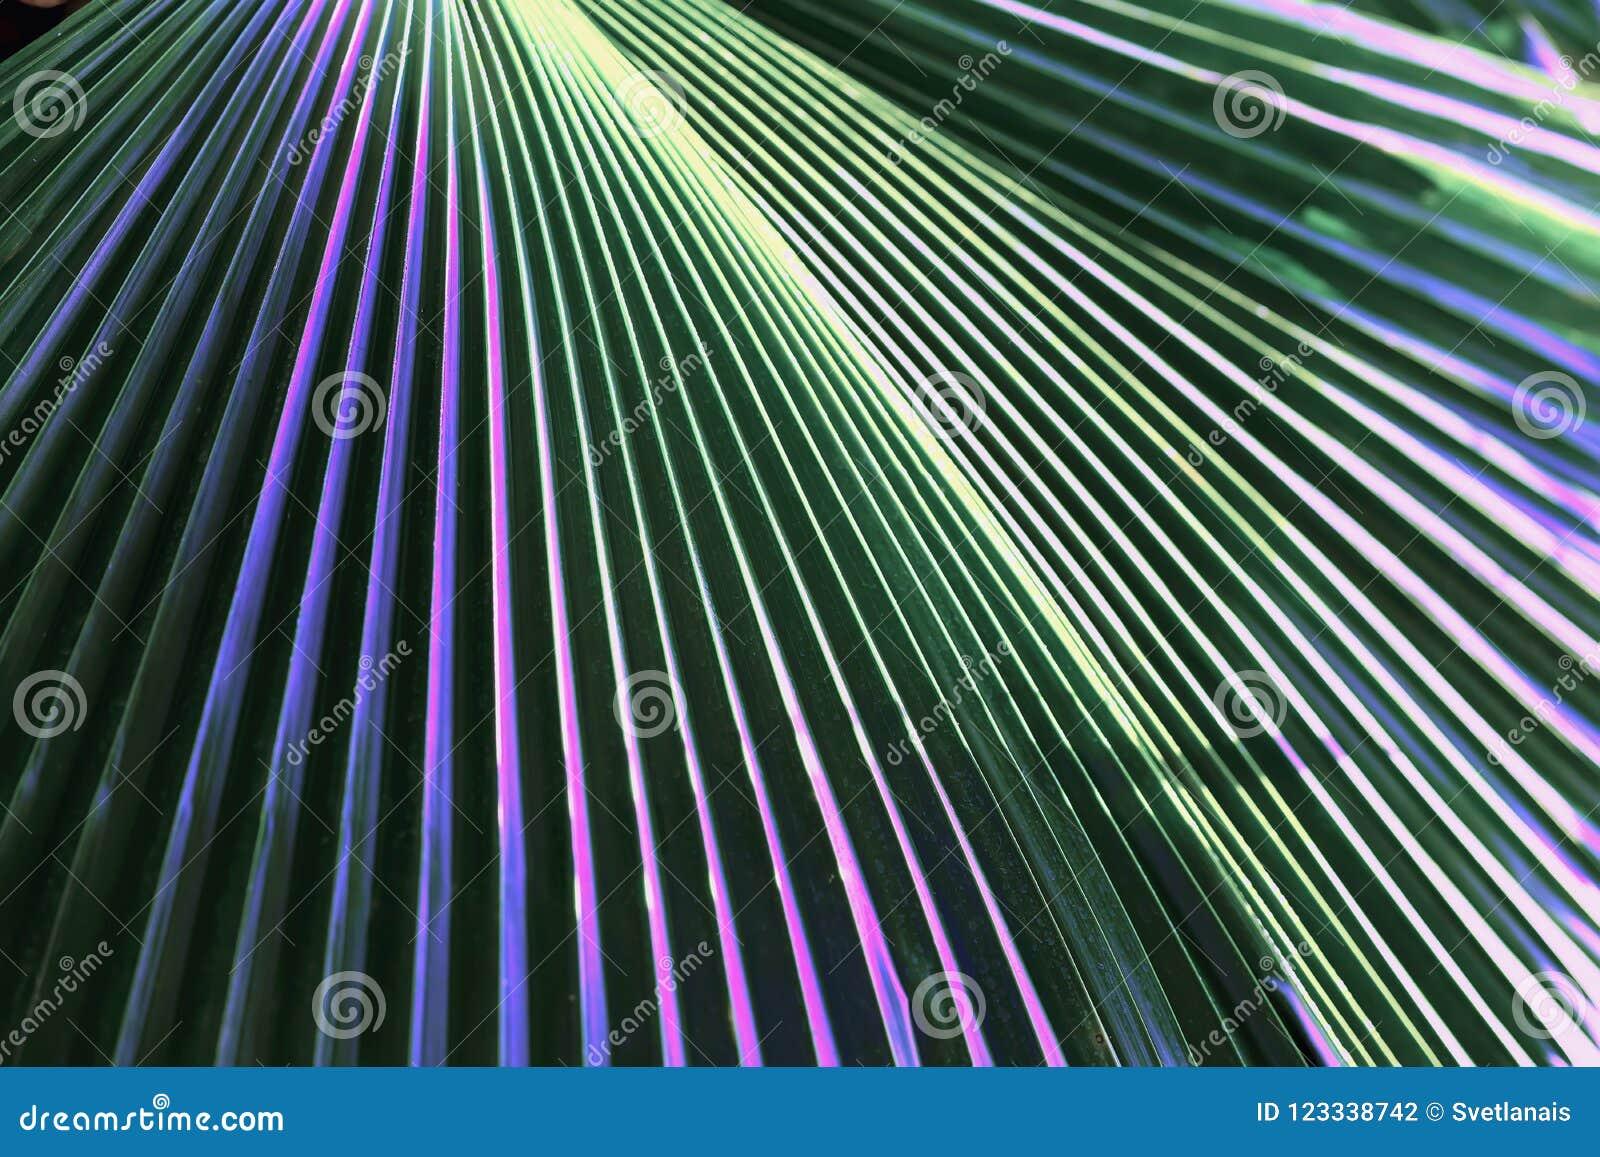 Follaje colorido ornamental, planta tropical con el color multycolored entonado de hojas Modelo abstracto, botánico exótico